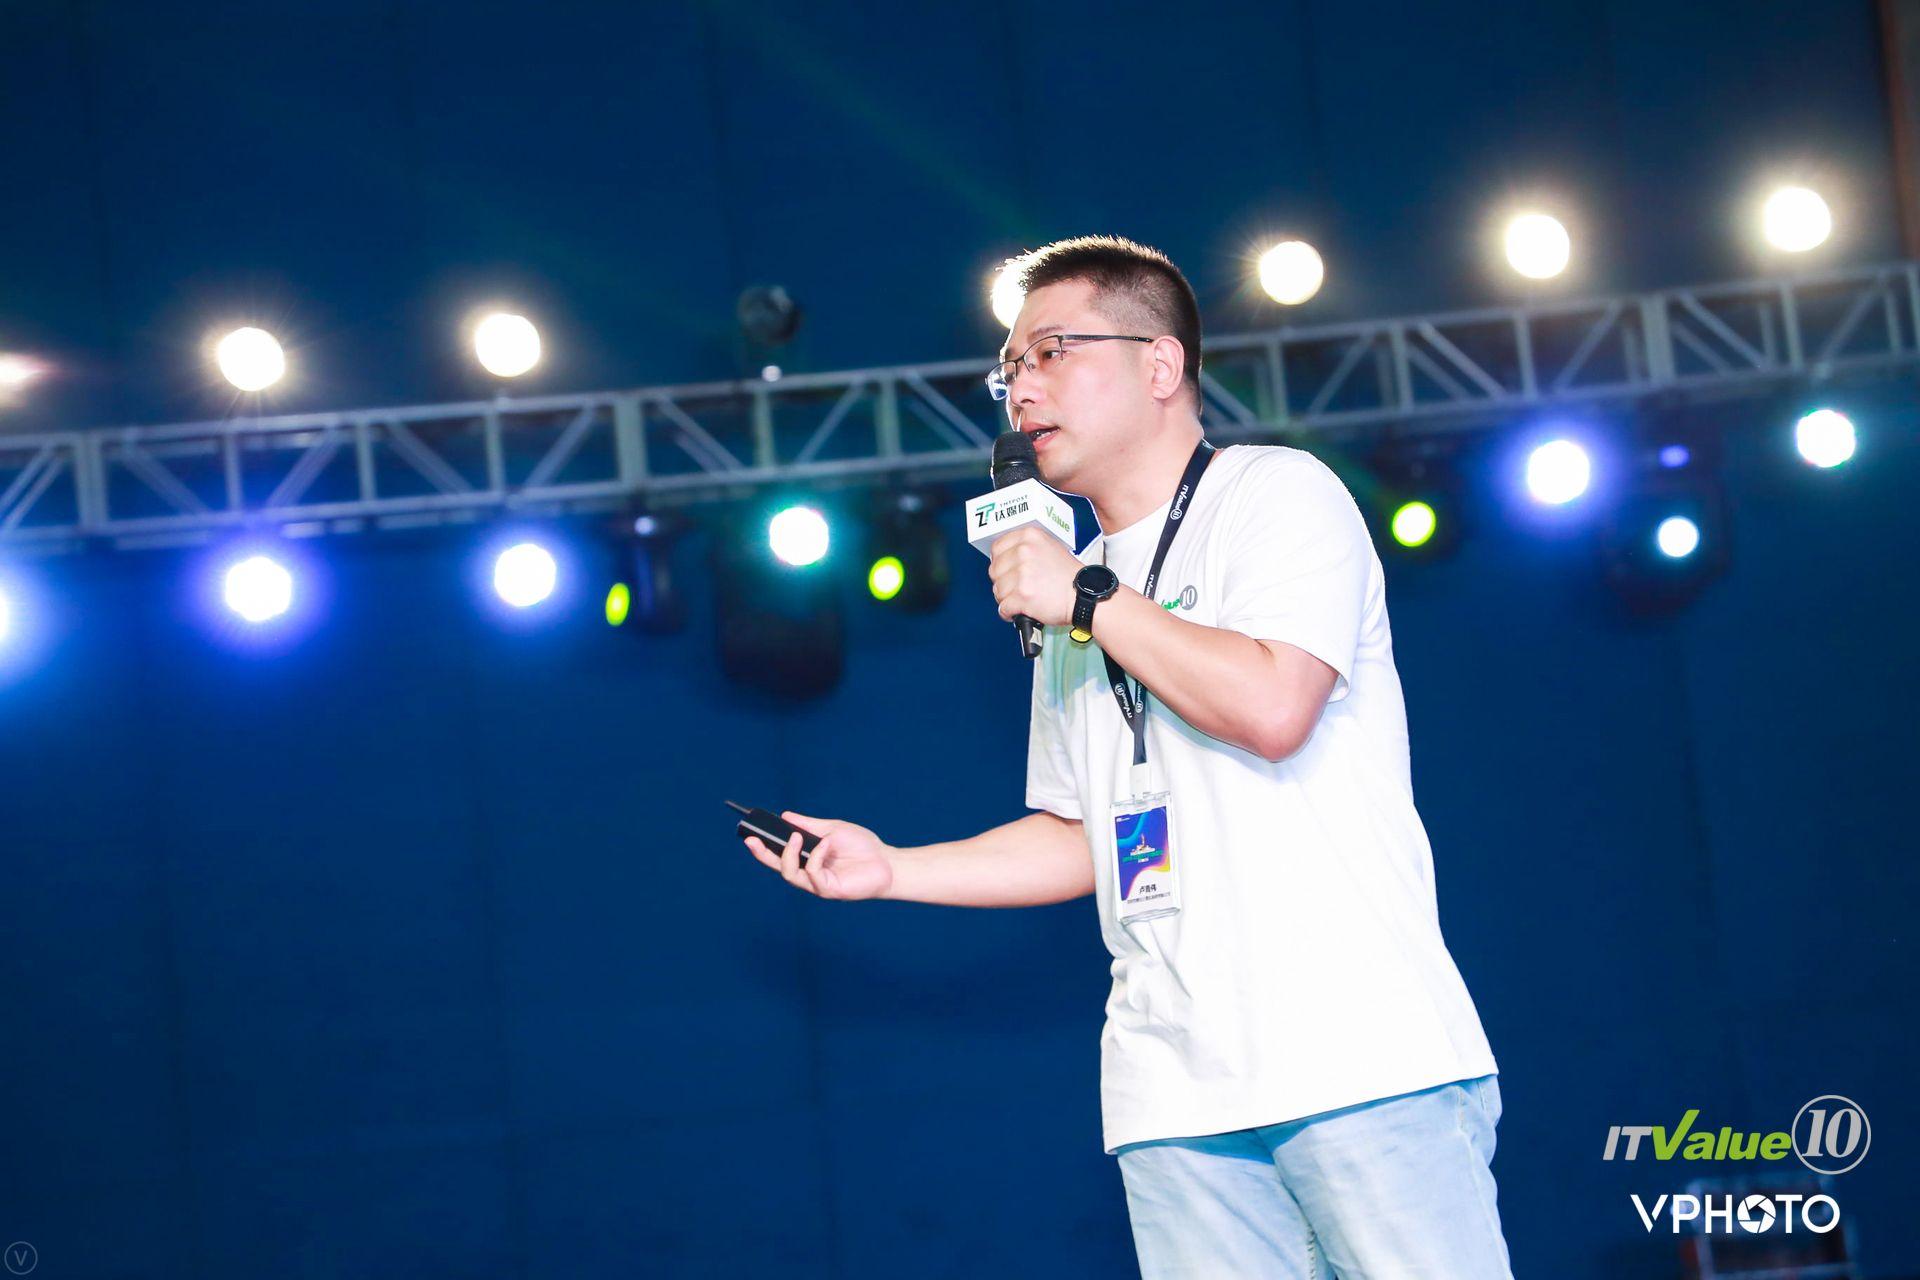 腾讯微信事业群企业微信产品部总经理卢青伟